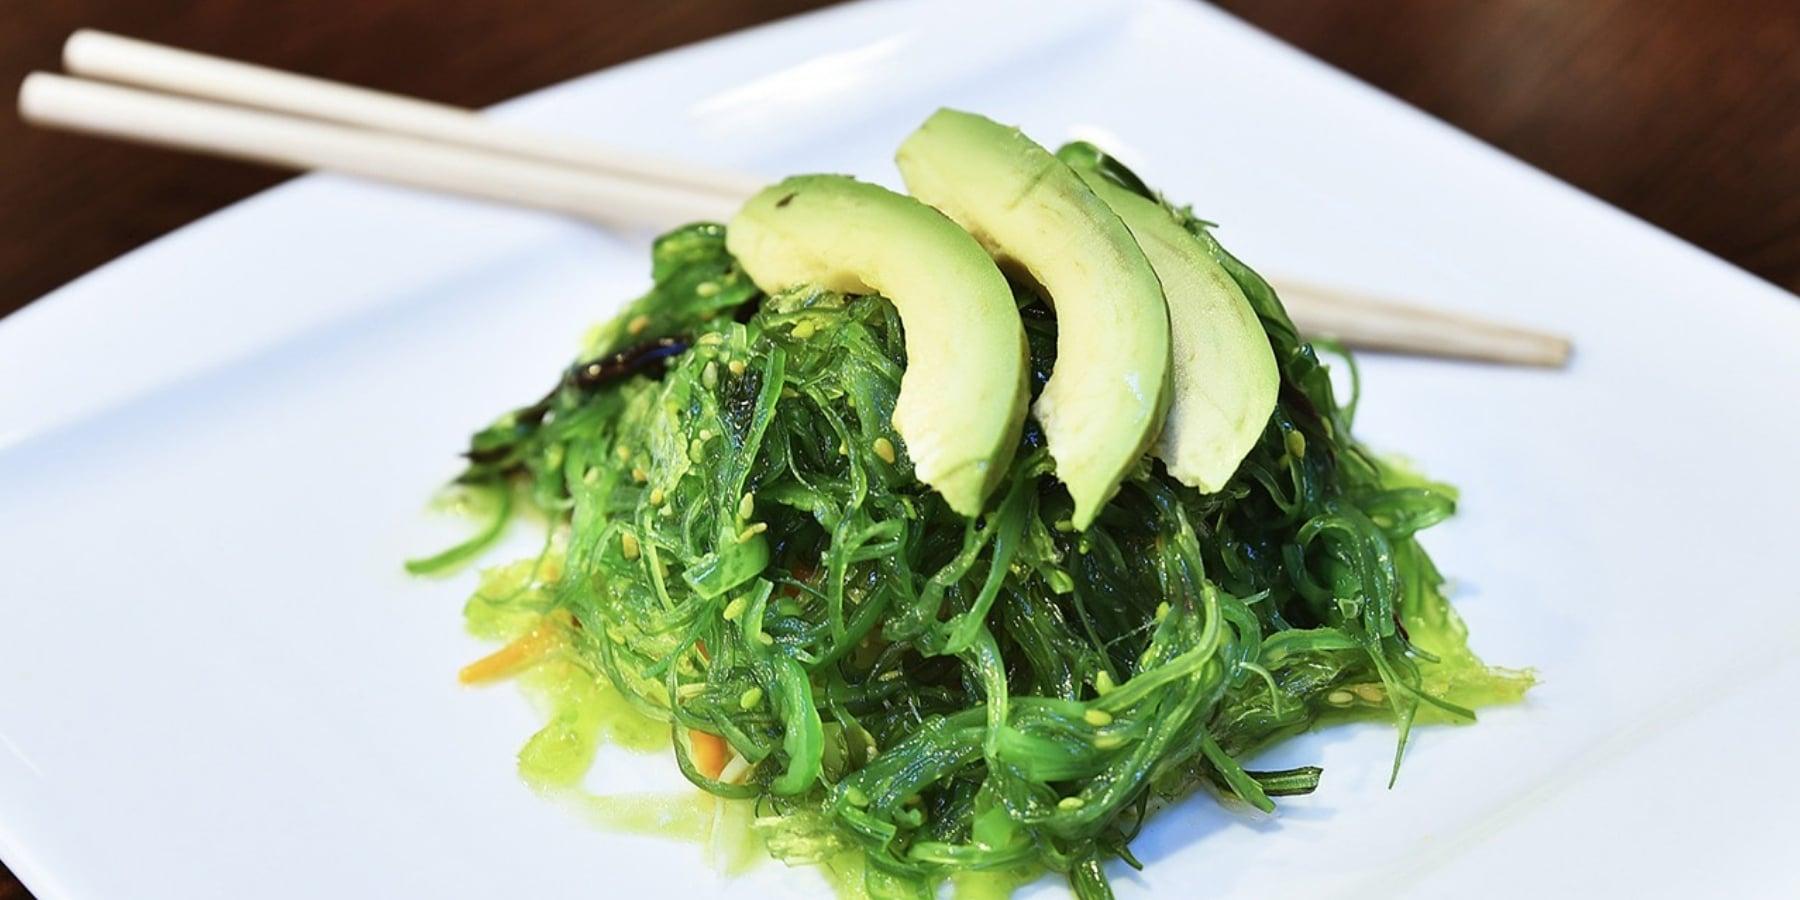 Les algues comestibles, un atout pour votre santé !